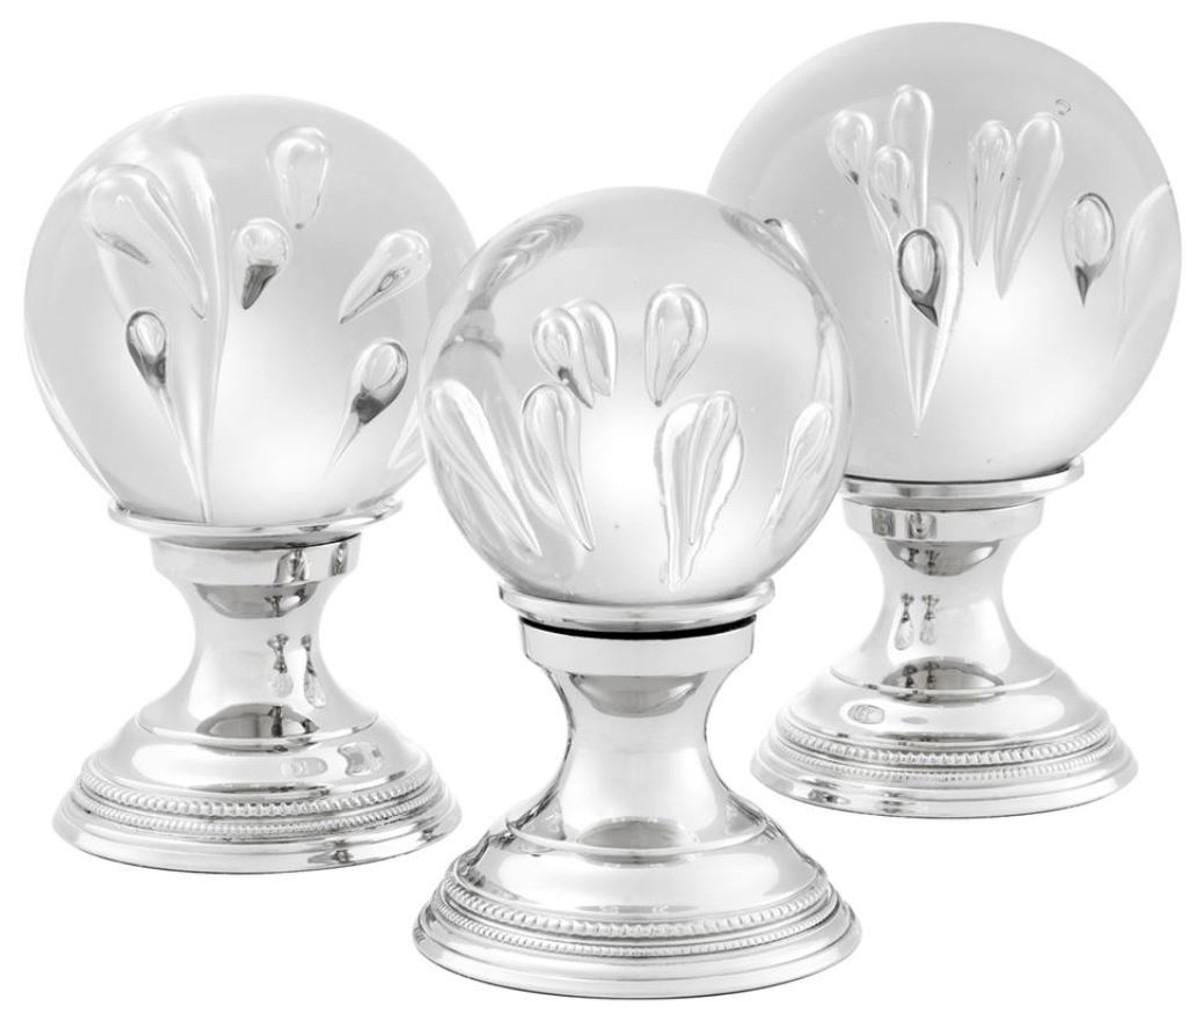 Casa Padrino Luxus Wohnzimmer Deko 3er Set Silber   Glas Kugeln Mit Messing  Sockel U2013 Bild